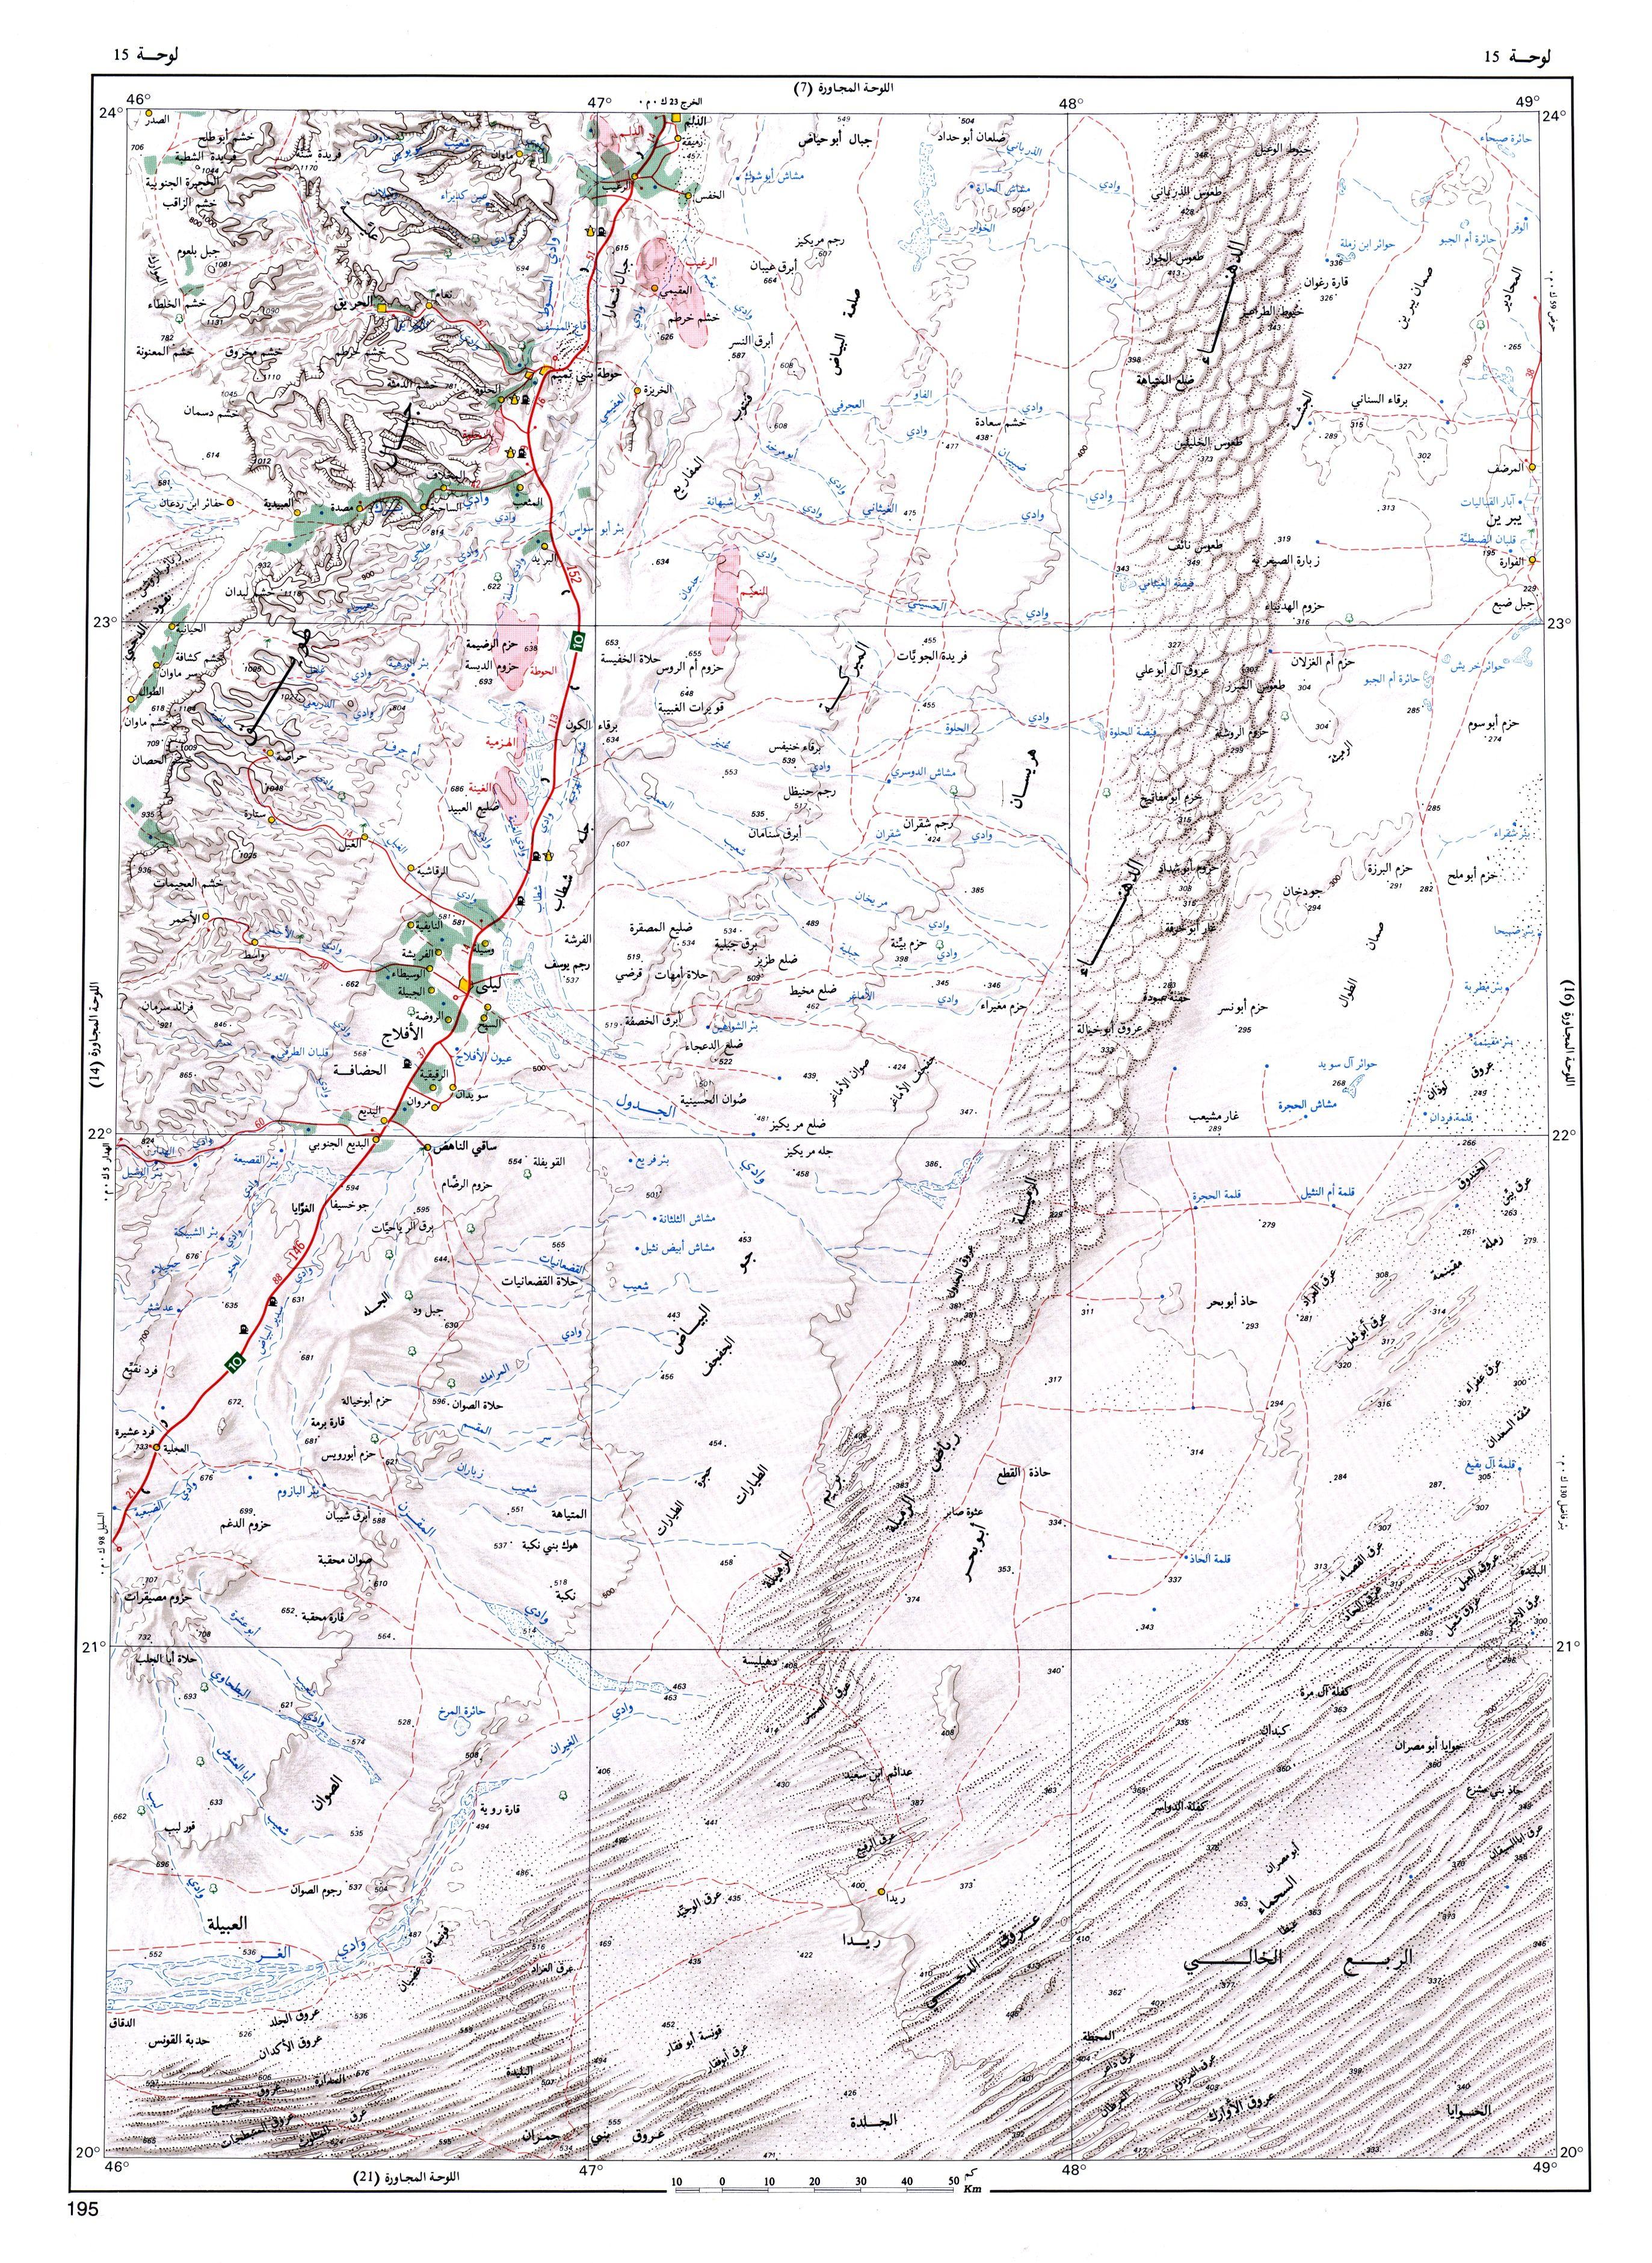 خريطة رقم 15 حوطة بني تميم وجزء من شمال الربع الخالي Map Fig